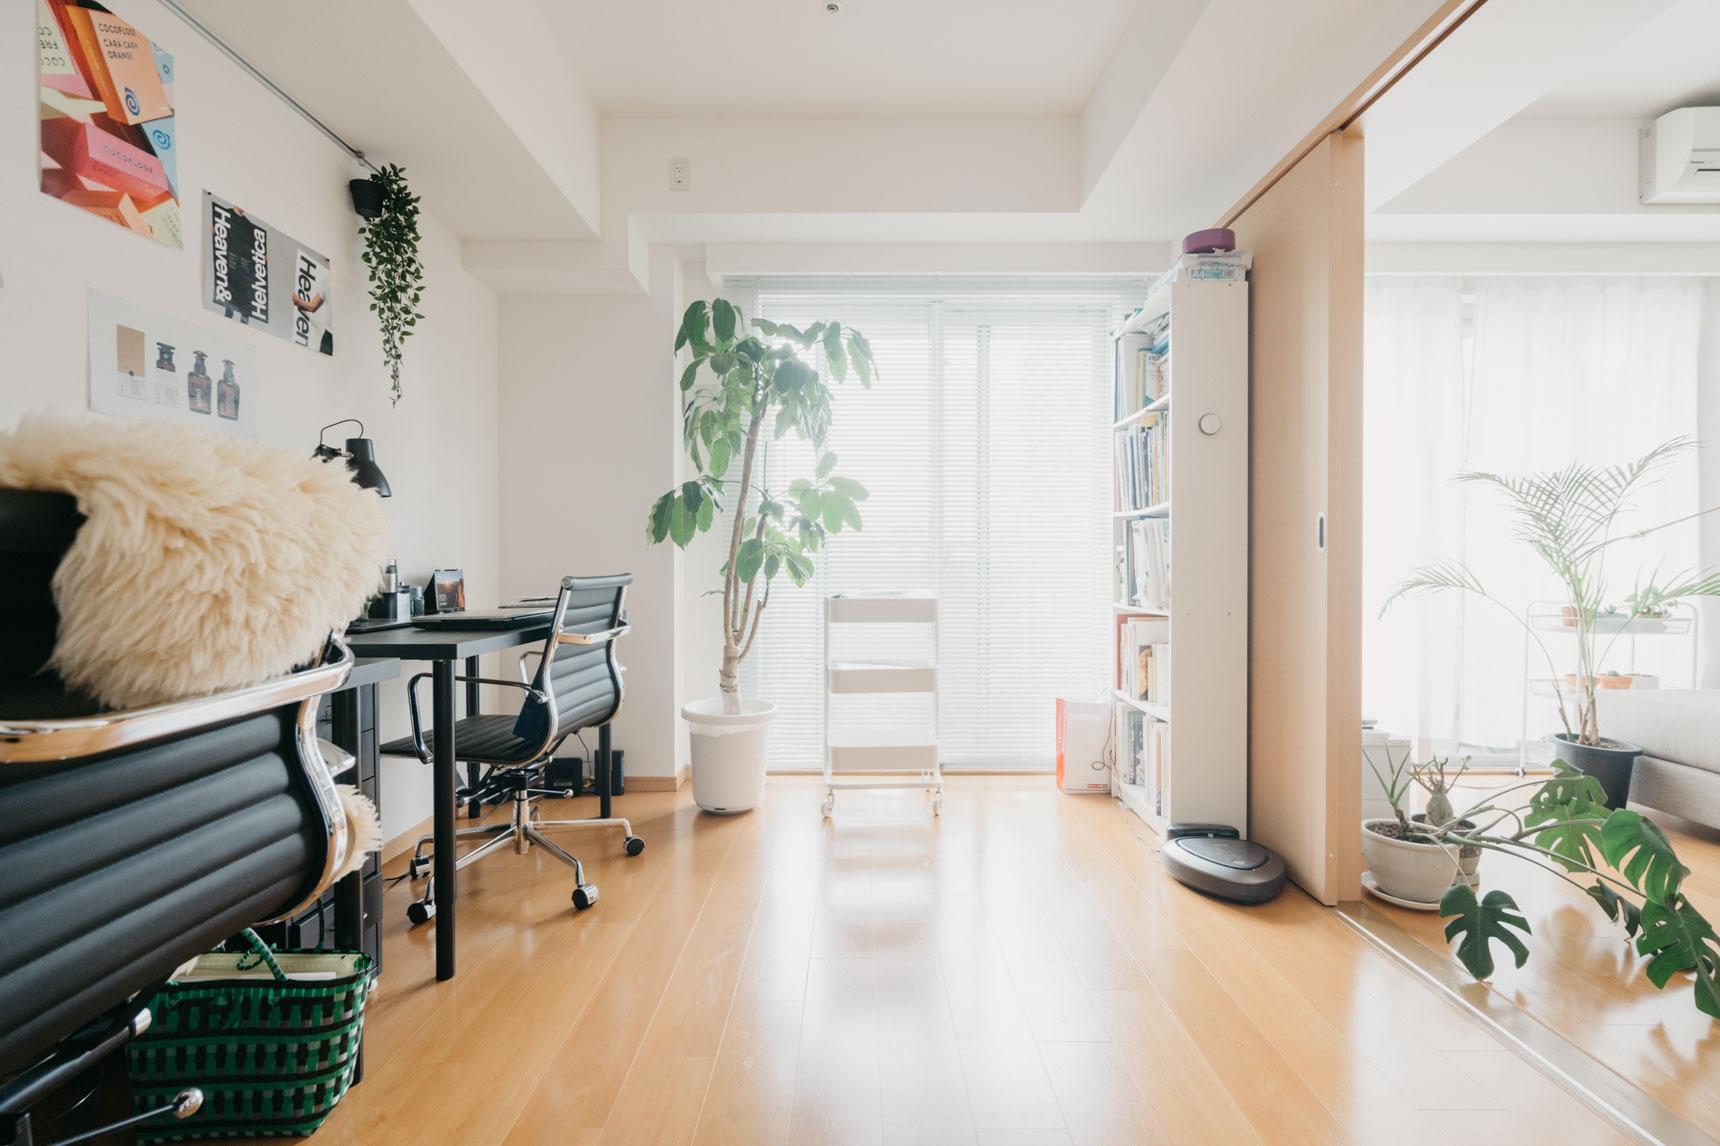 自宅でお仕事をされるため、リビングの横は仕事スペースに。引き戸をあけて使うことができ、広く見える間取りがお部屋を選んだポイント。マンションの高層階にあり、眺望もとてもよく気持ち良いお部屋です。こんなお部屋でお仕事ができたら、捗っちゃいますね。